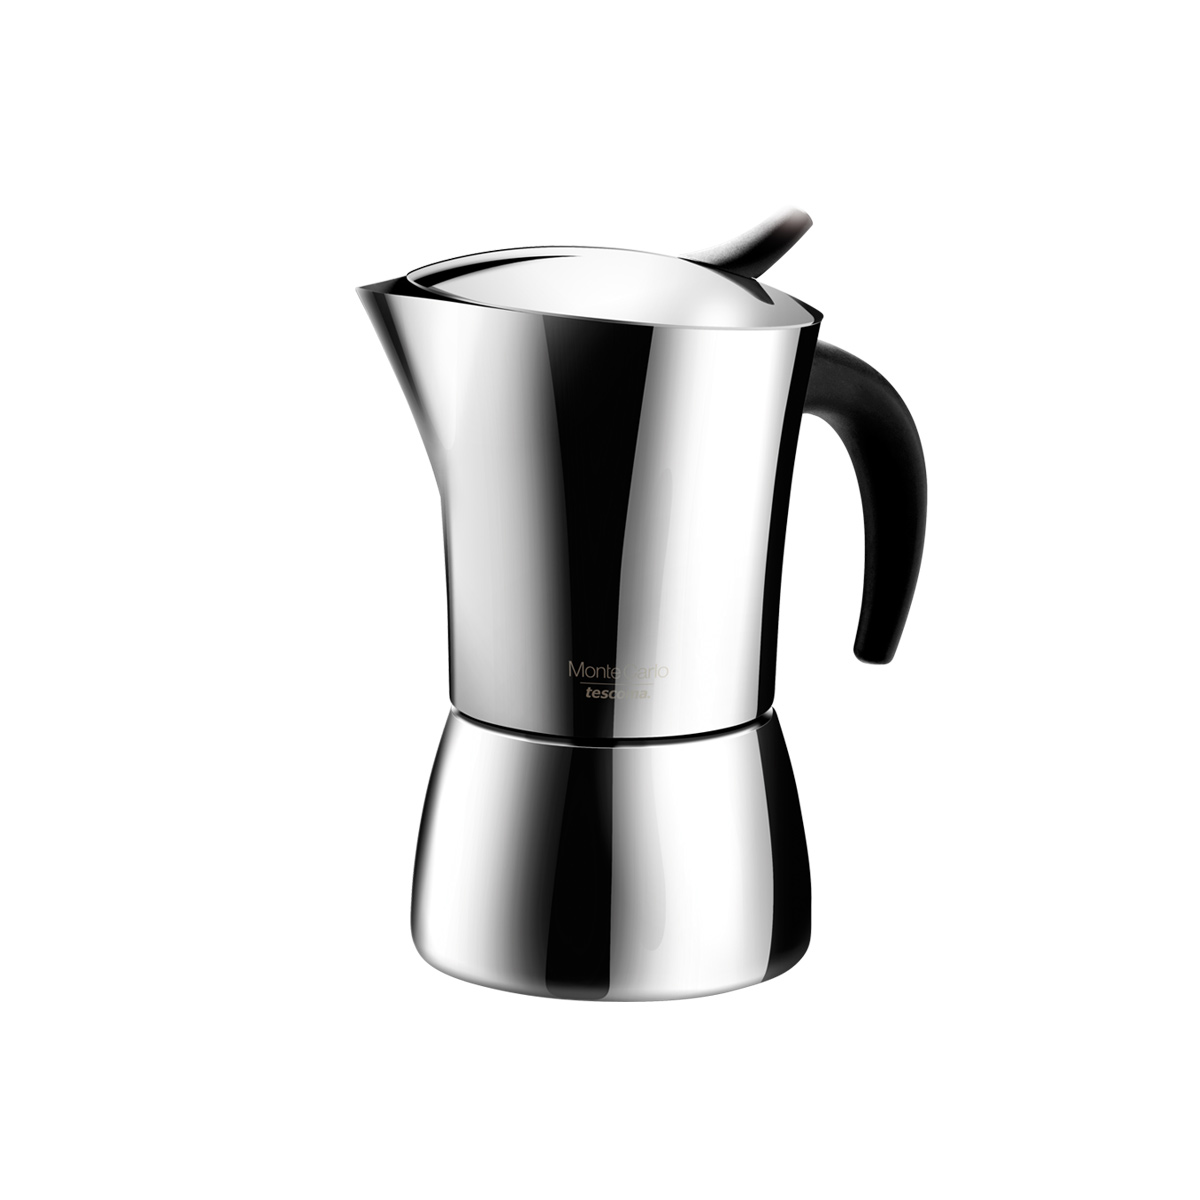 Kávovar MONTE CARLO, 2 šálky